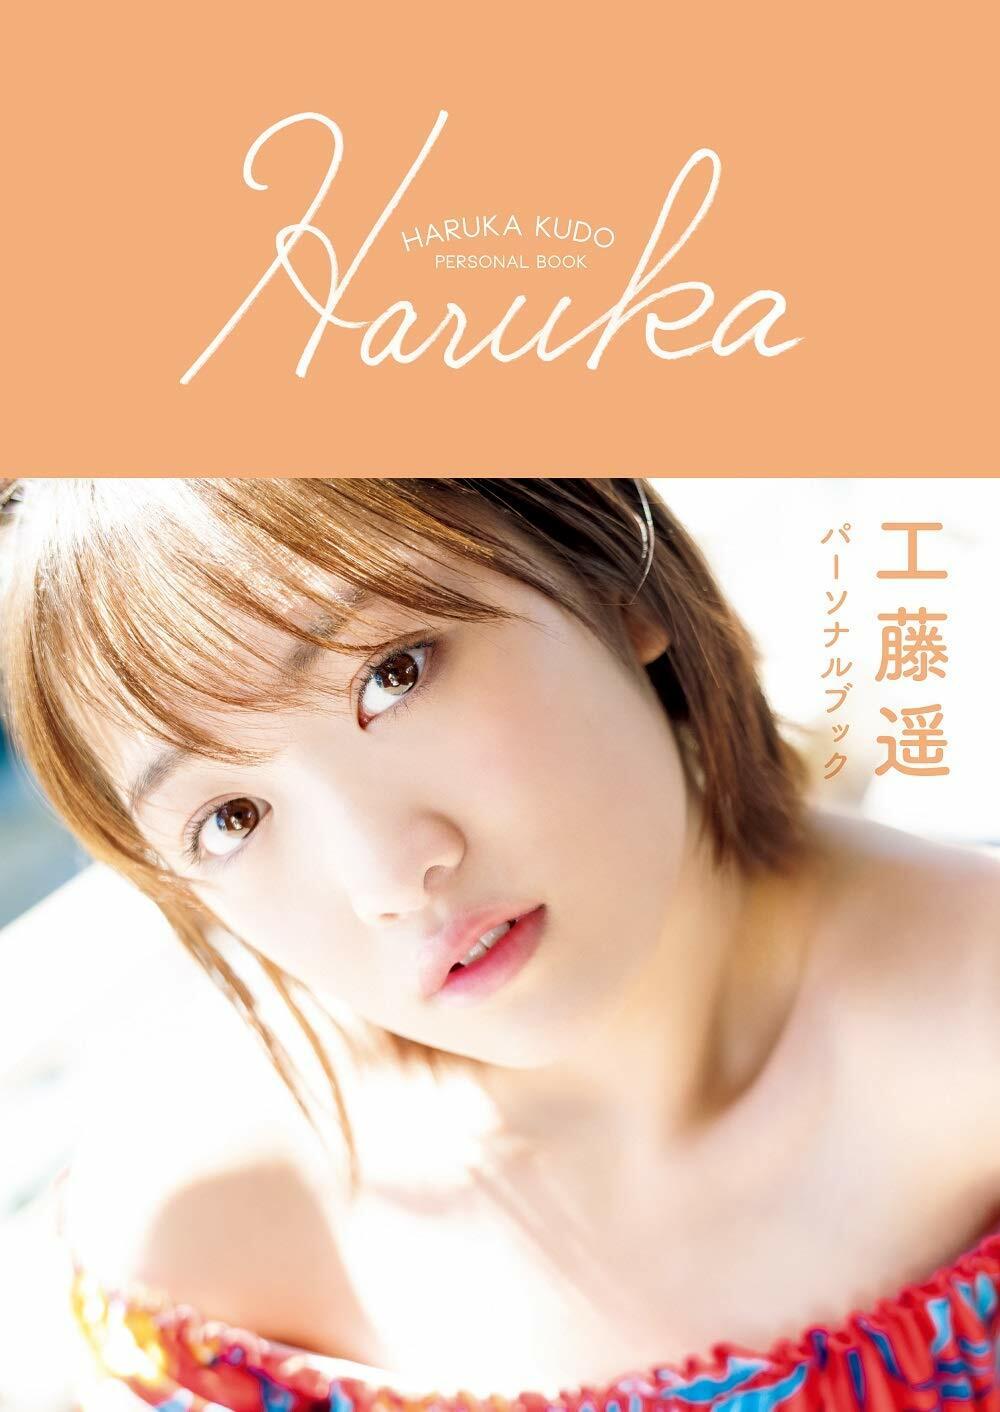 工藤遙 1stパ-ソナルブック『 Haruka 』